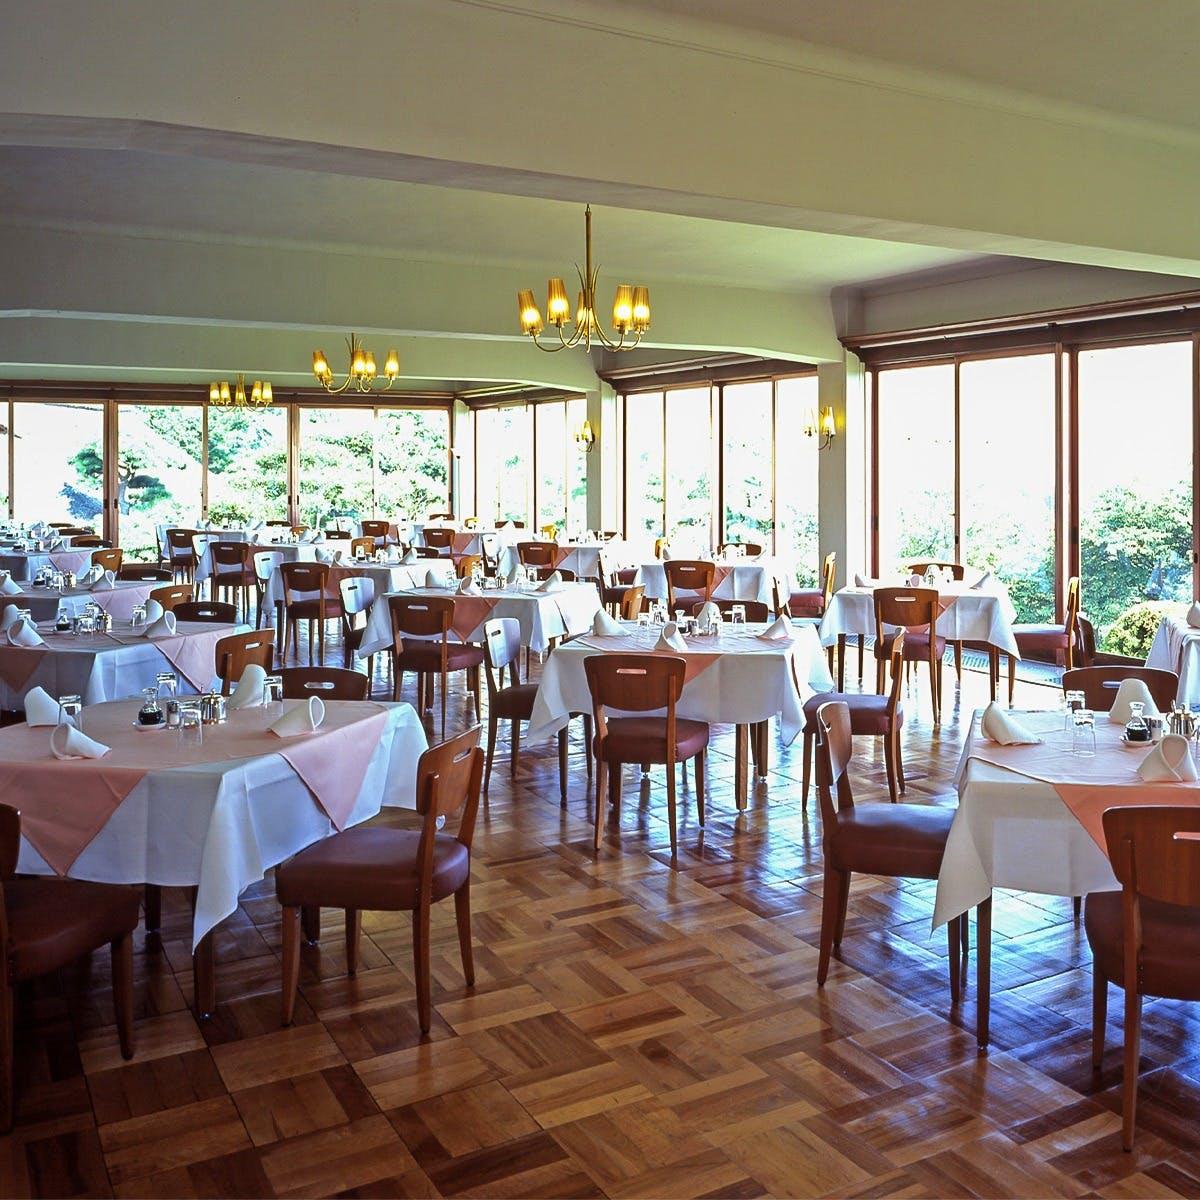 大きな窓で明るいレストラン